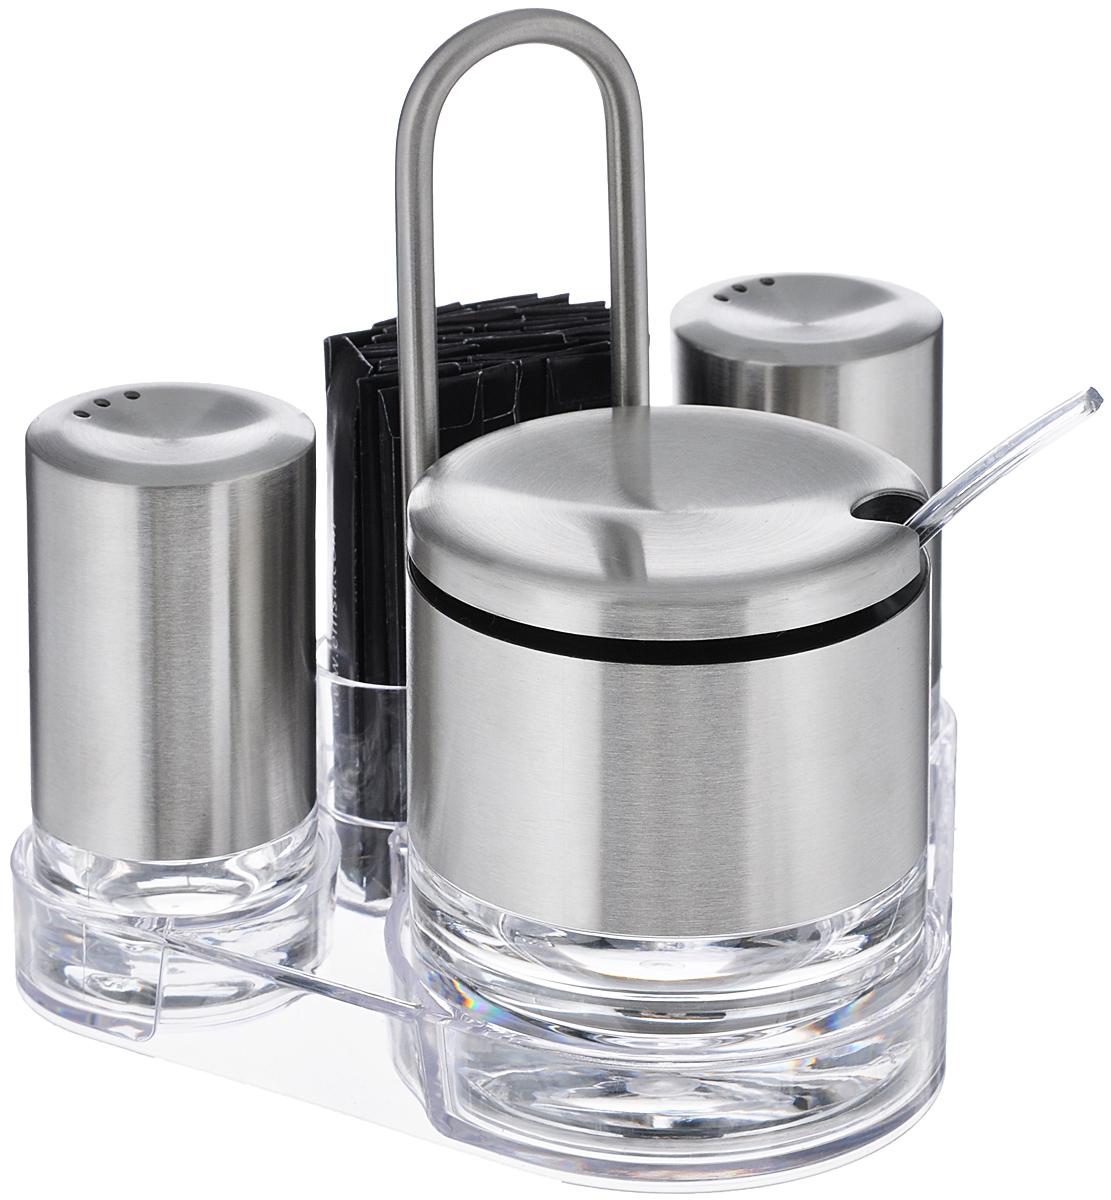 Набор для стола Emsa Accenta, 5 предметов507641Набор для стола Emsa Accenta состоит из солонки, перечницы, сахарницы с ложкой, подставки и зубочисток. Емкости выполнены из высококачественного отполированного до блеска стекла и матовой нержавеющей стали 18/10. Сахарница снабжено крышкой и пластиковой ложкой. Для предметов набора предусмотрена прозрачная пластиковая подставка. Каждая зубочистка упакована в бумажную обертку. Стильный и функциональный набор прекрасно будет смотреться в интерьере кухни и прослужит вам долгие годы. Размер солонки/перечницы: 4 см х 4 см х 8 см. Размер сахарницы: 7 см х 7 см х 8 см. Длина ложки: 12 см. Размер подставки: 14,5 см х 11 см х 14 см.